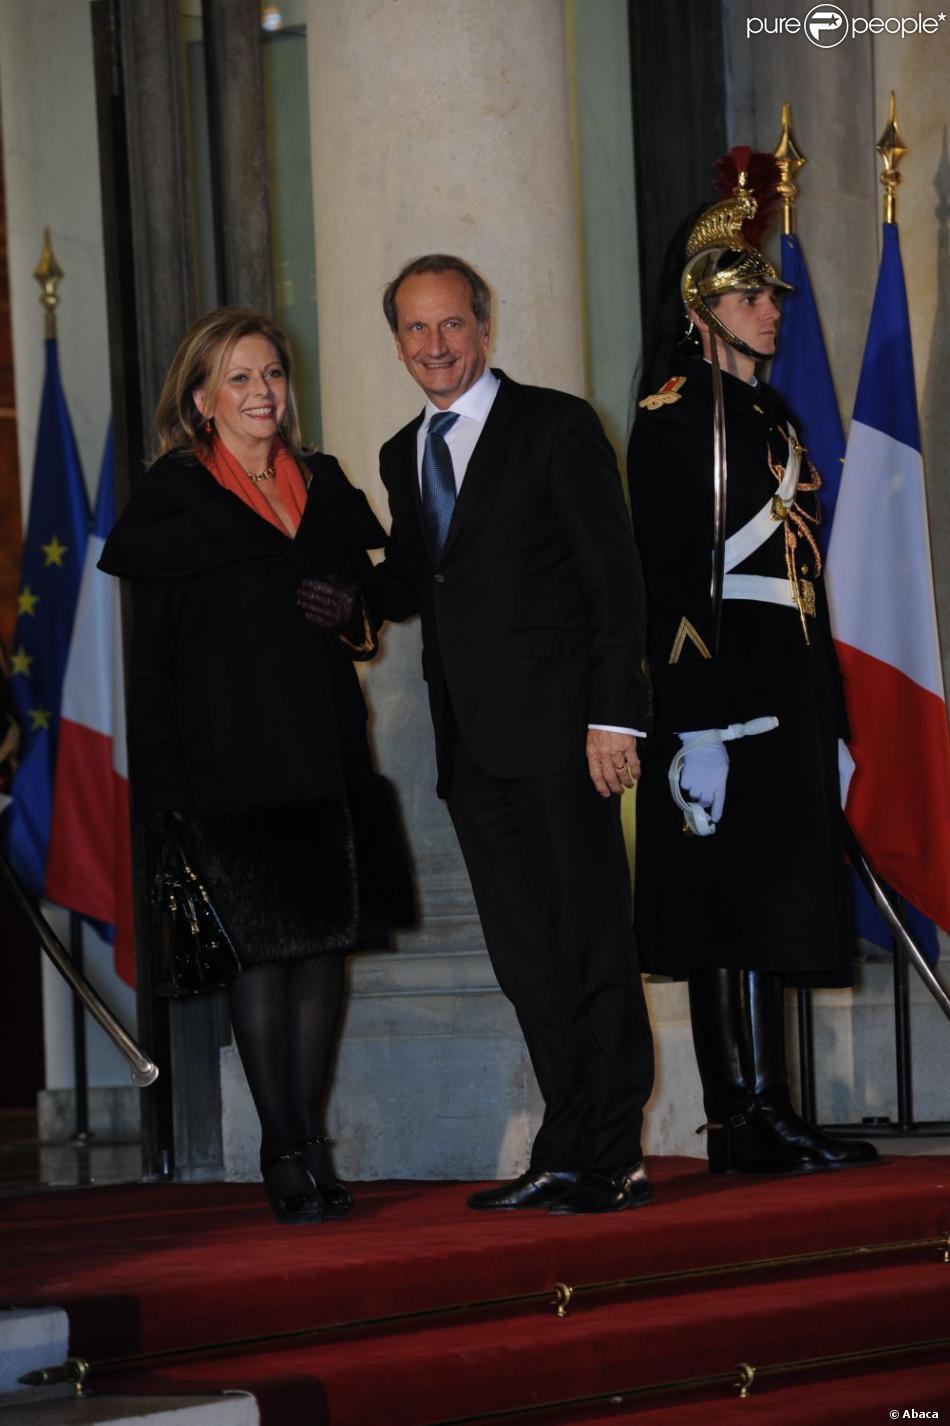 Gérard Longuet et son épouse Brigitte à l'Elysée le 26 janvier 2012.